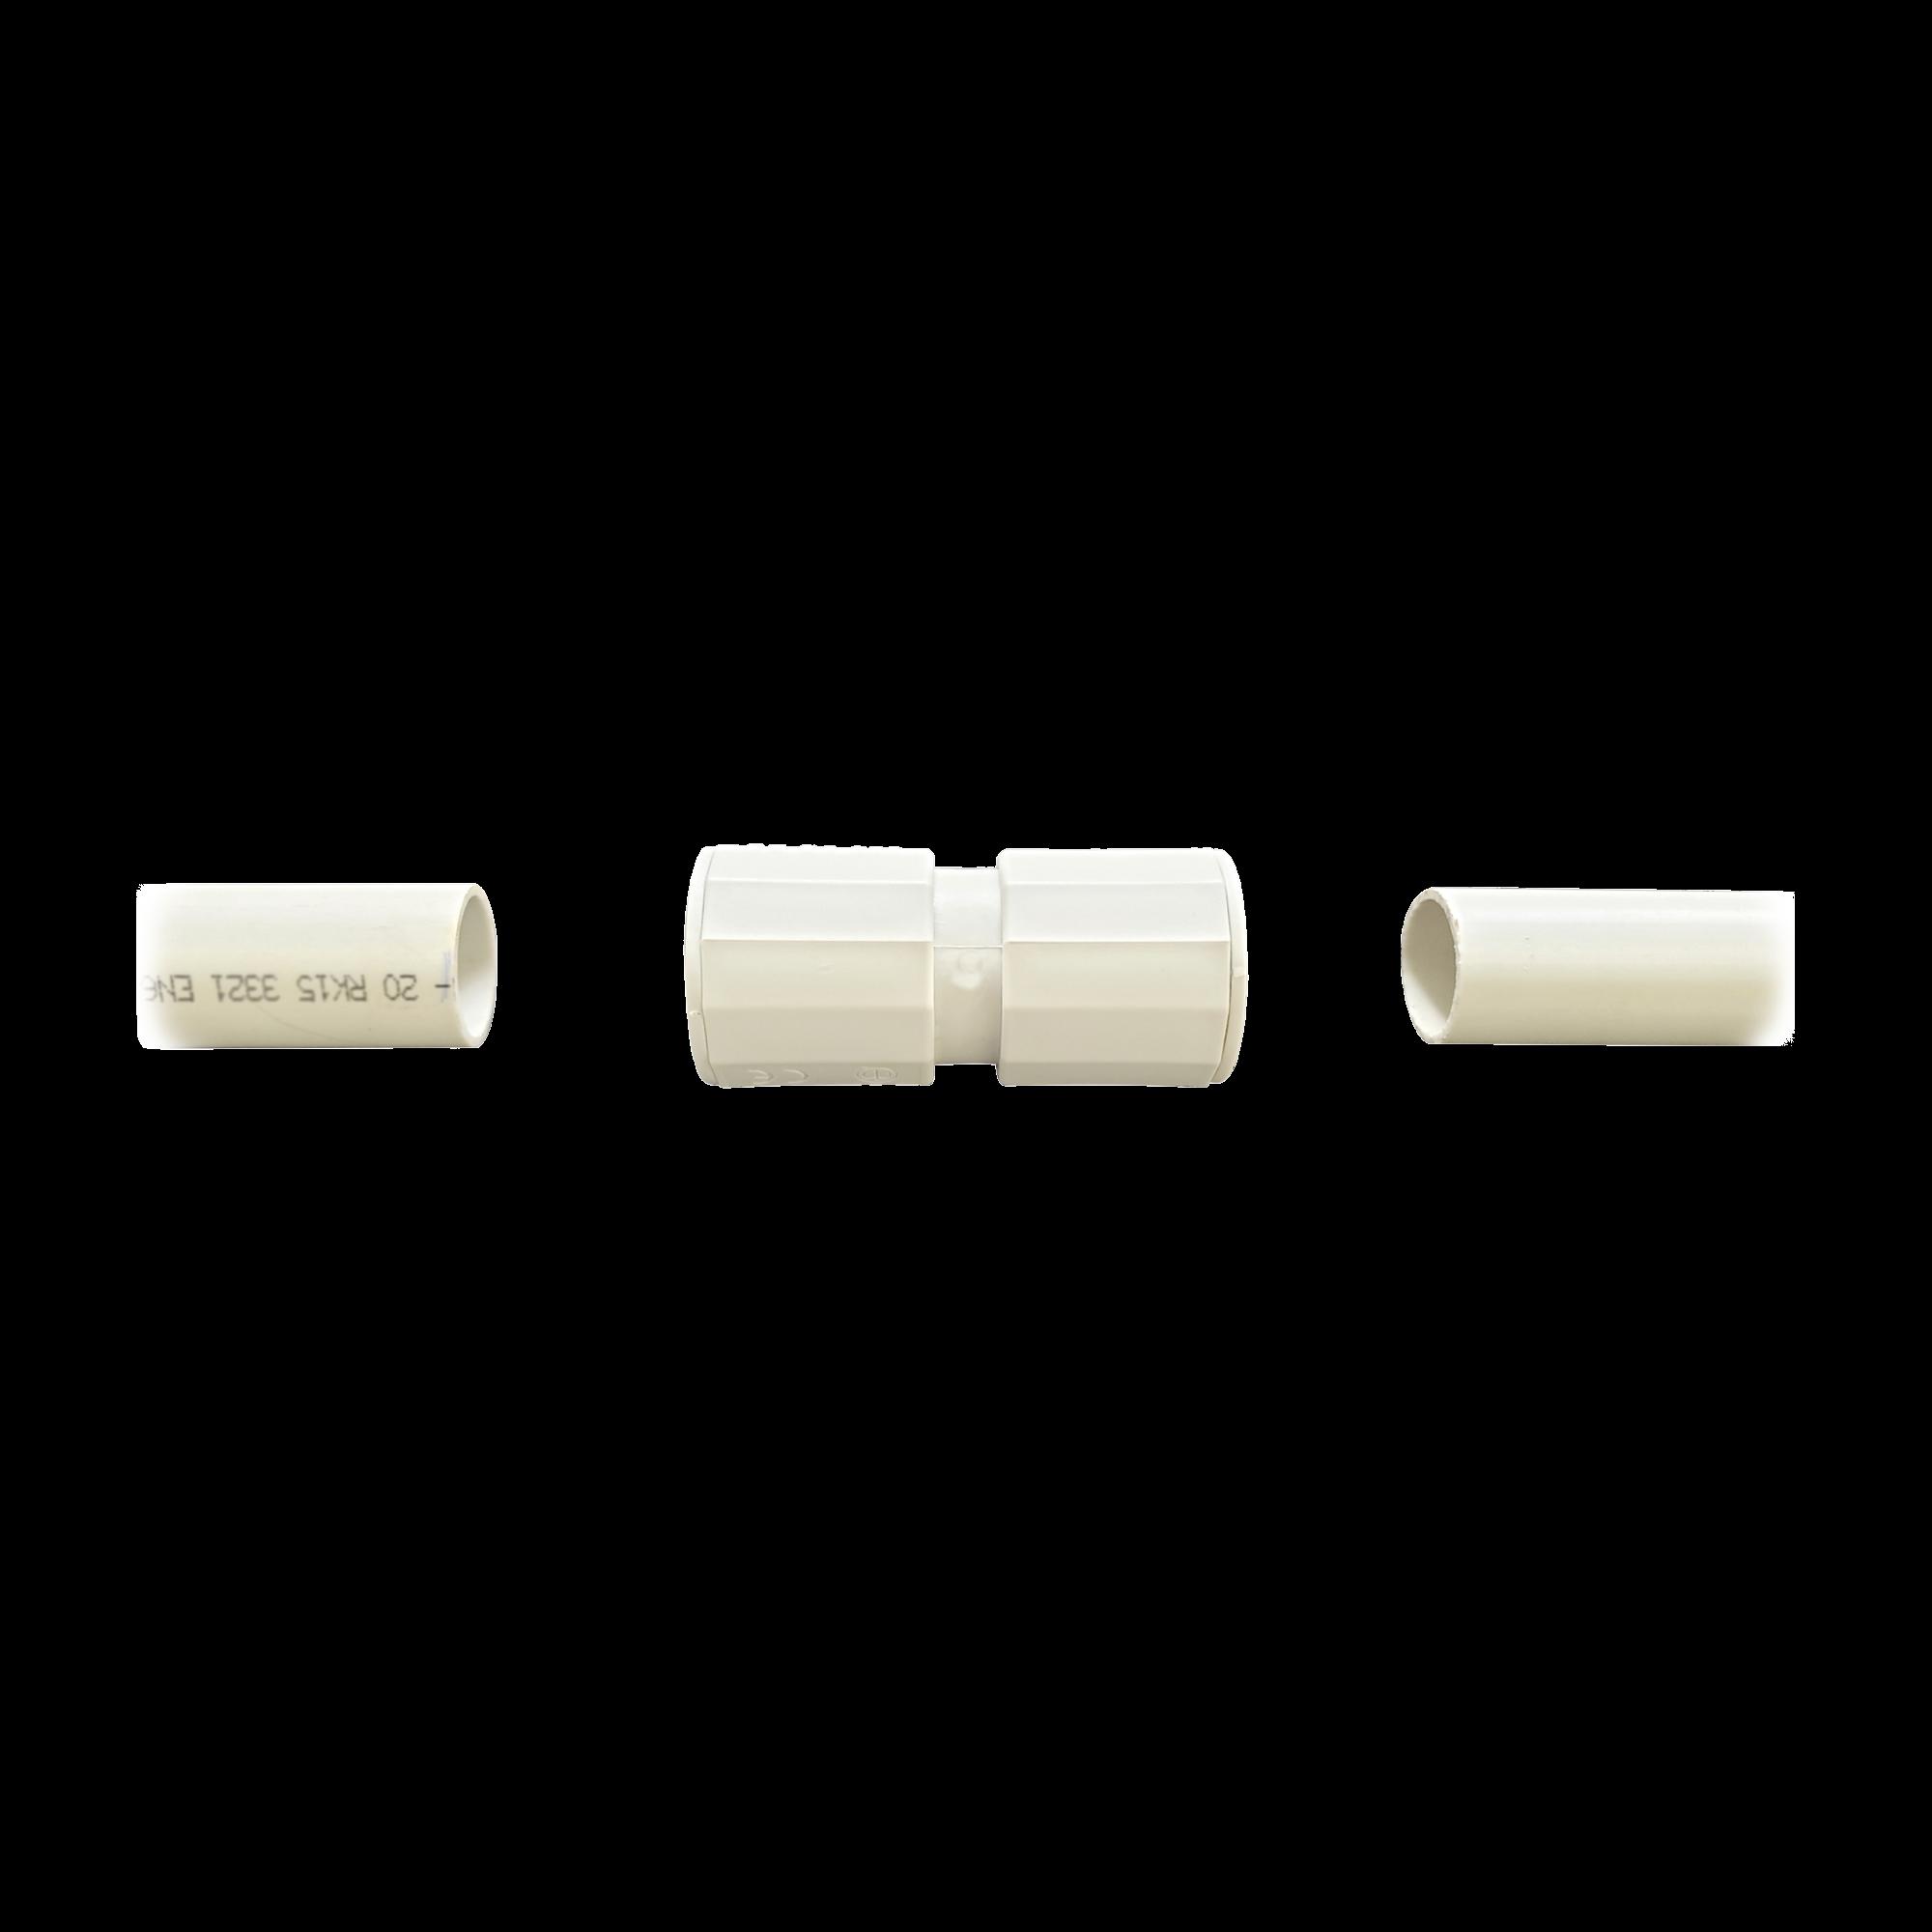 Manguito / Cople Morbidx IP67 libre de halogenos para unir tuberia rigida de 32 mm (1 1/4) permite una instalacion hermetica no necesita pegamento